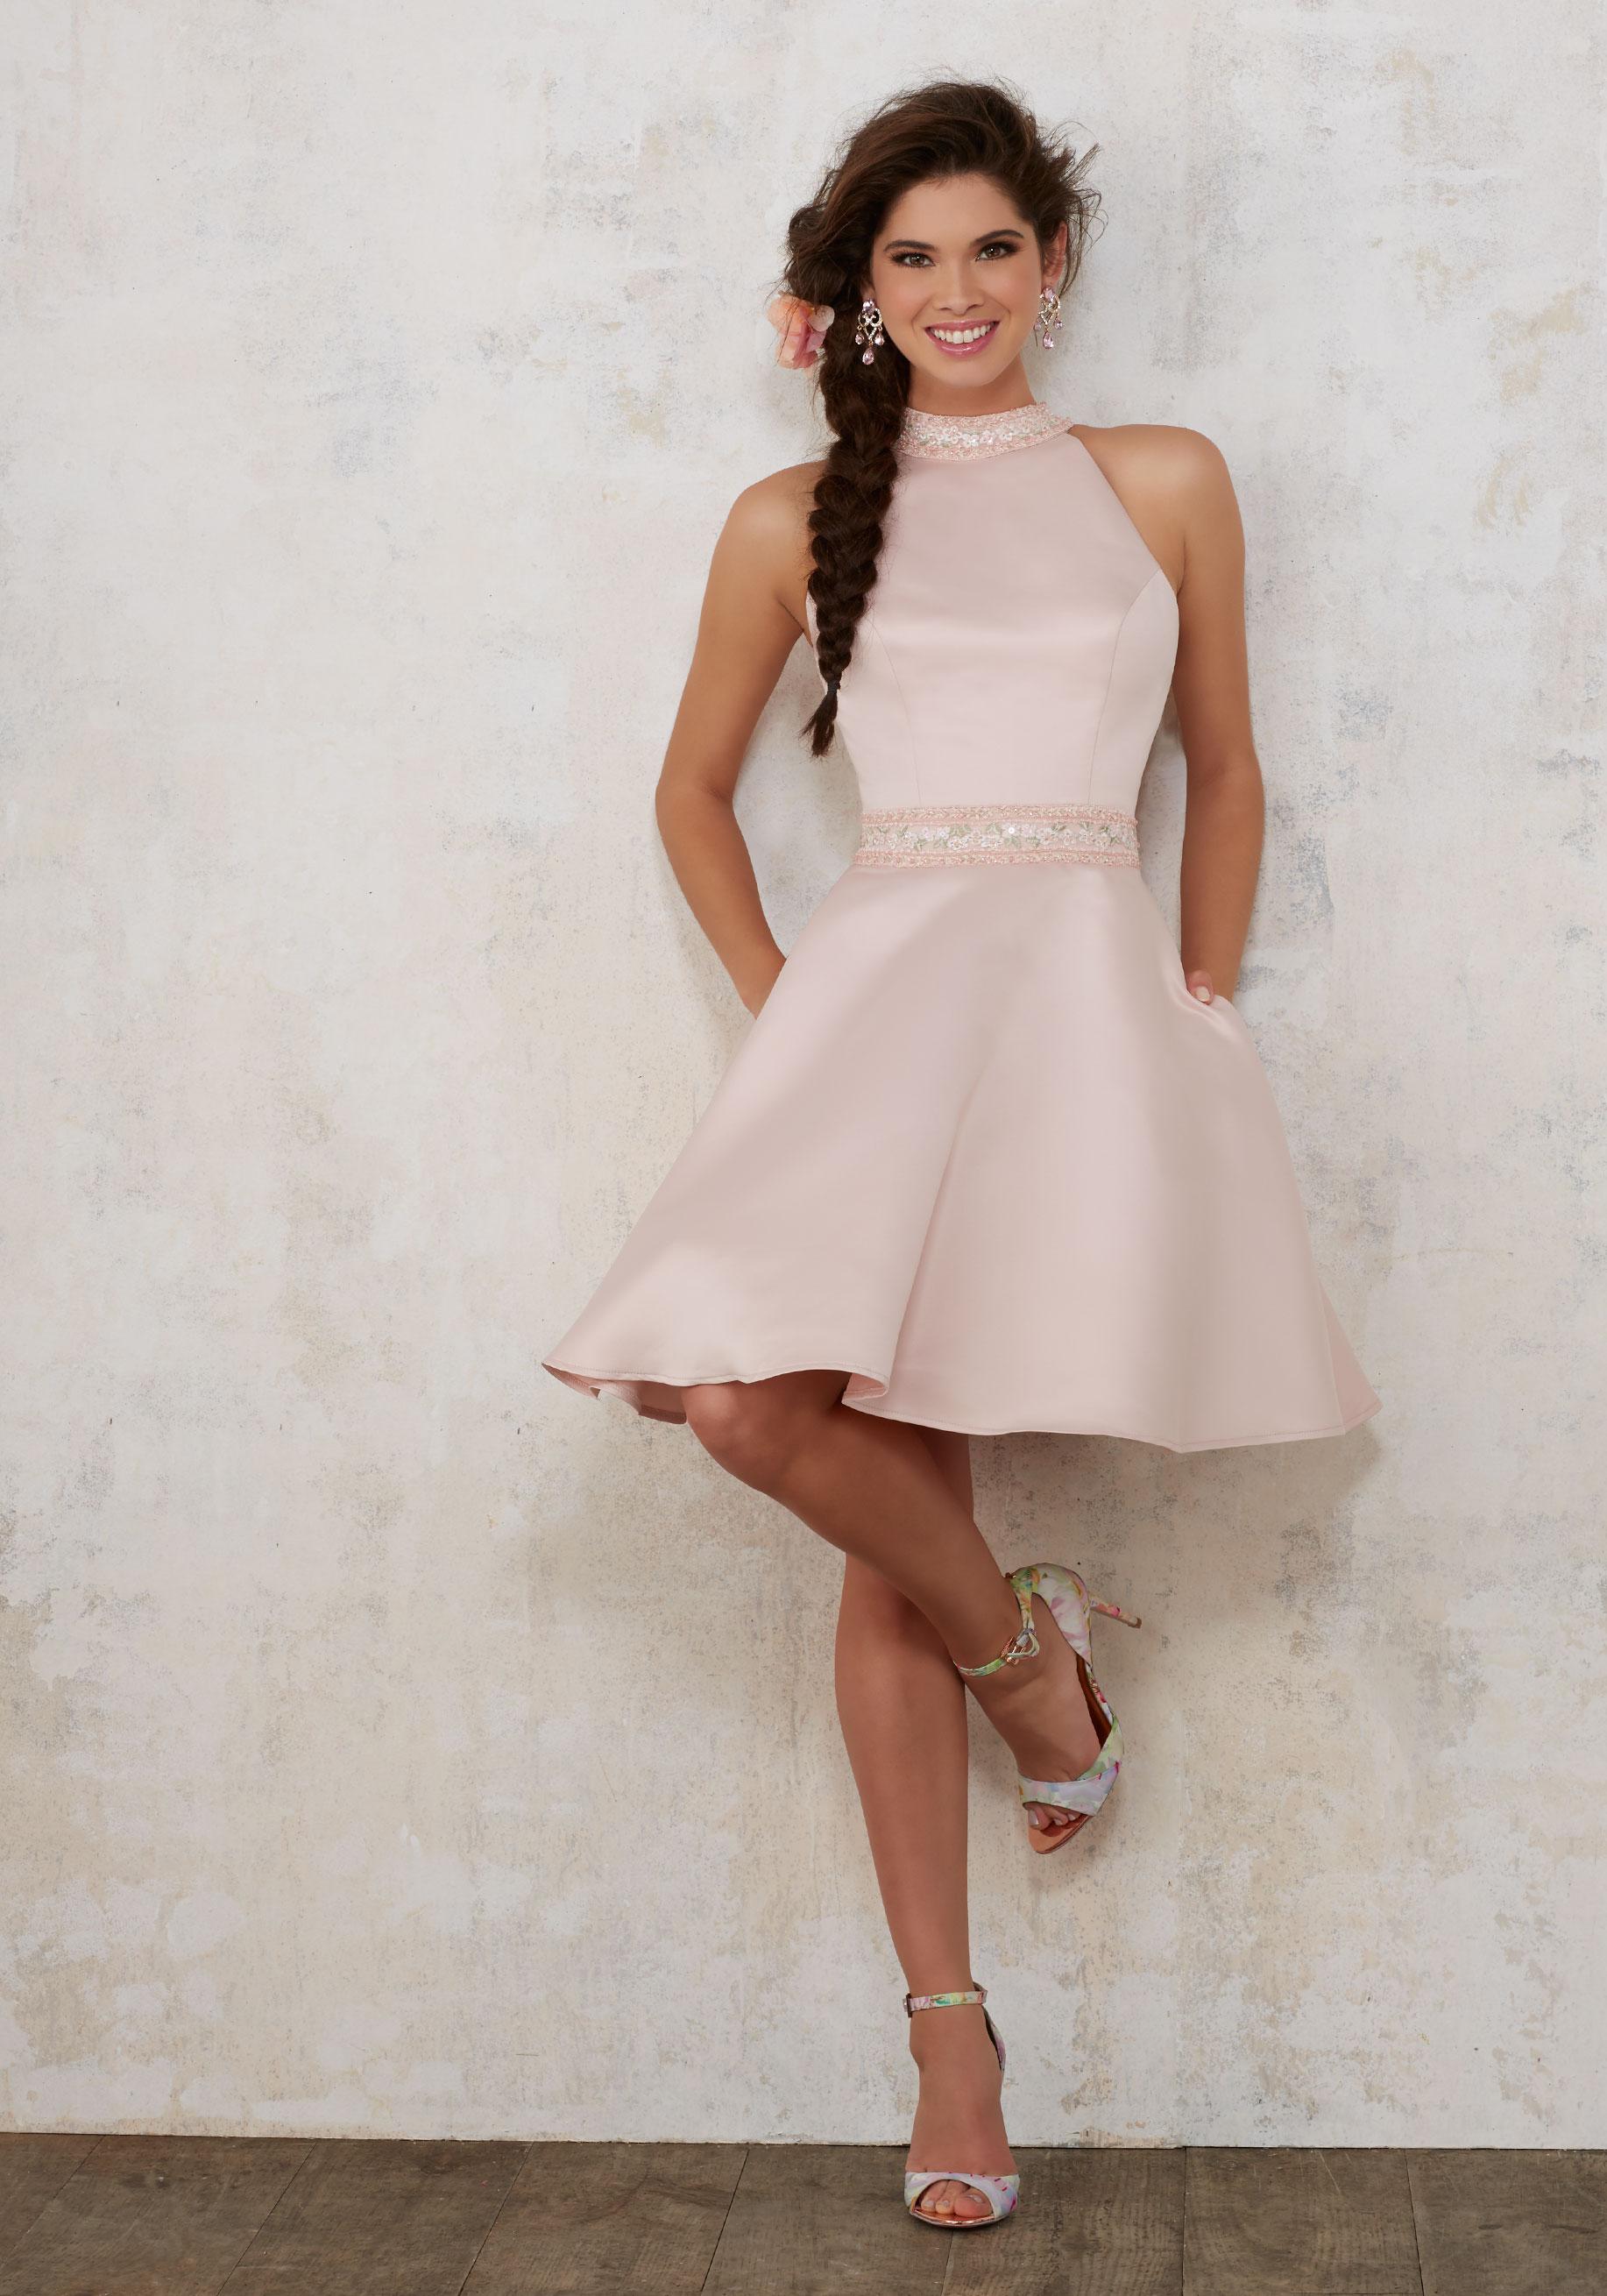 Βραδινό φόρεμα, Satin Damas, κοντό Κωδ. 9445